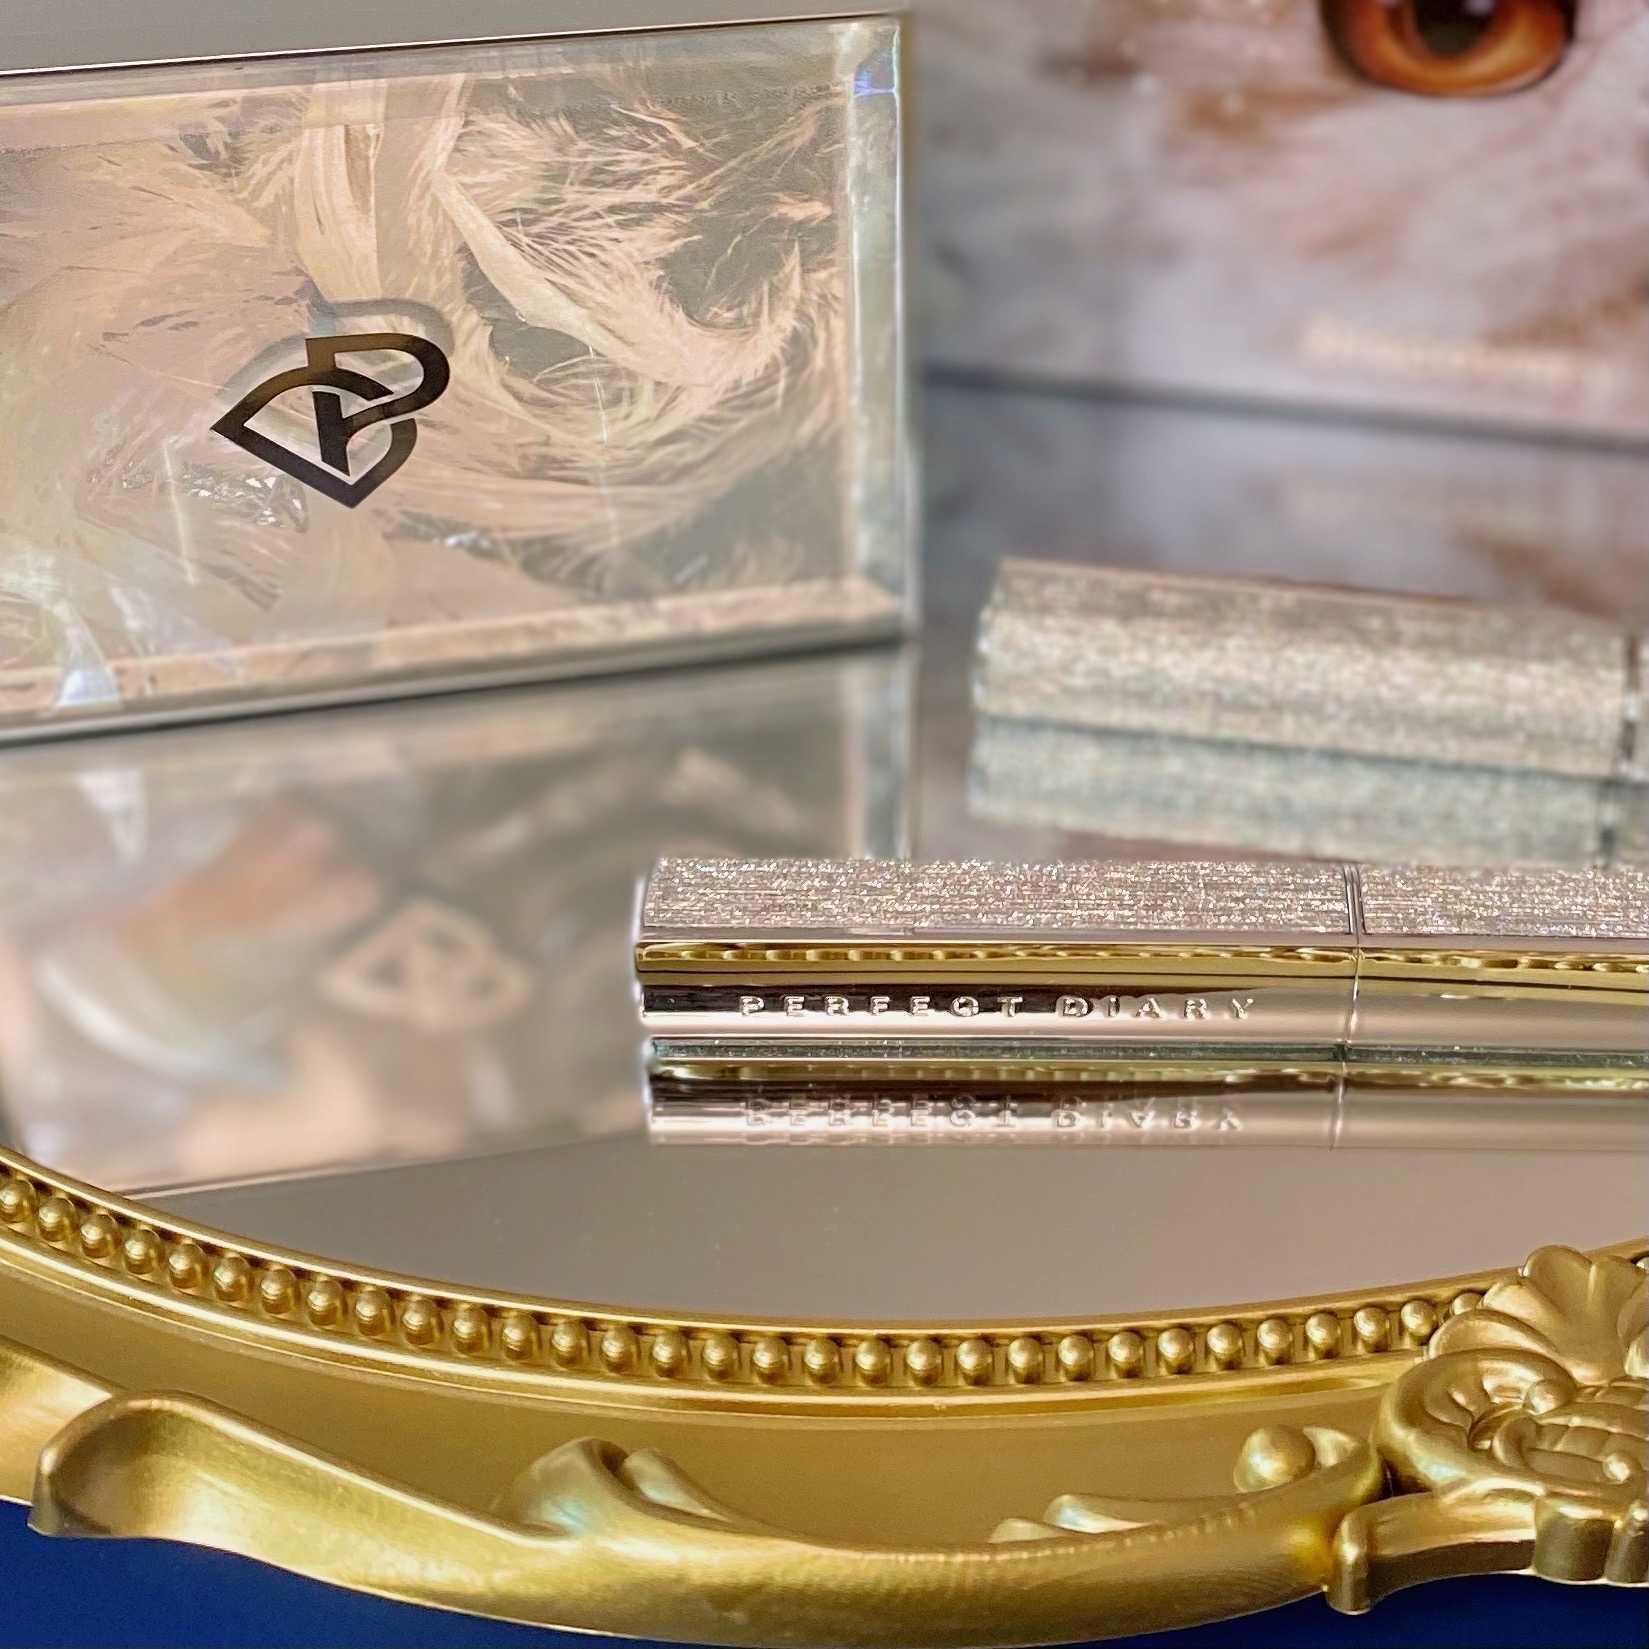 完美日记水晶橱窗礼盒多少钱_完美日记水晶橱窗礼盒价格